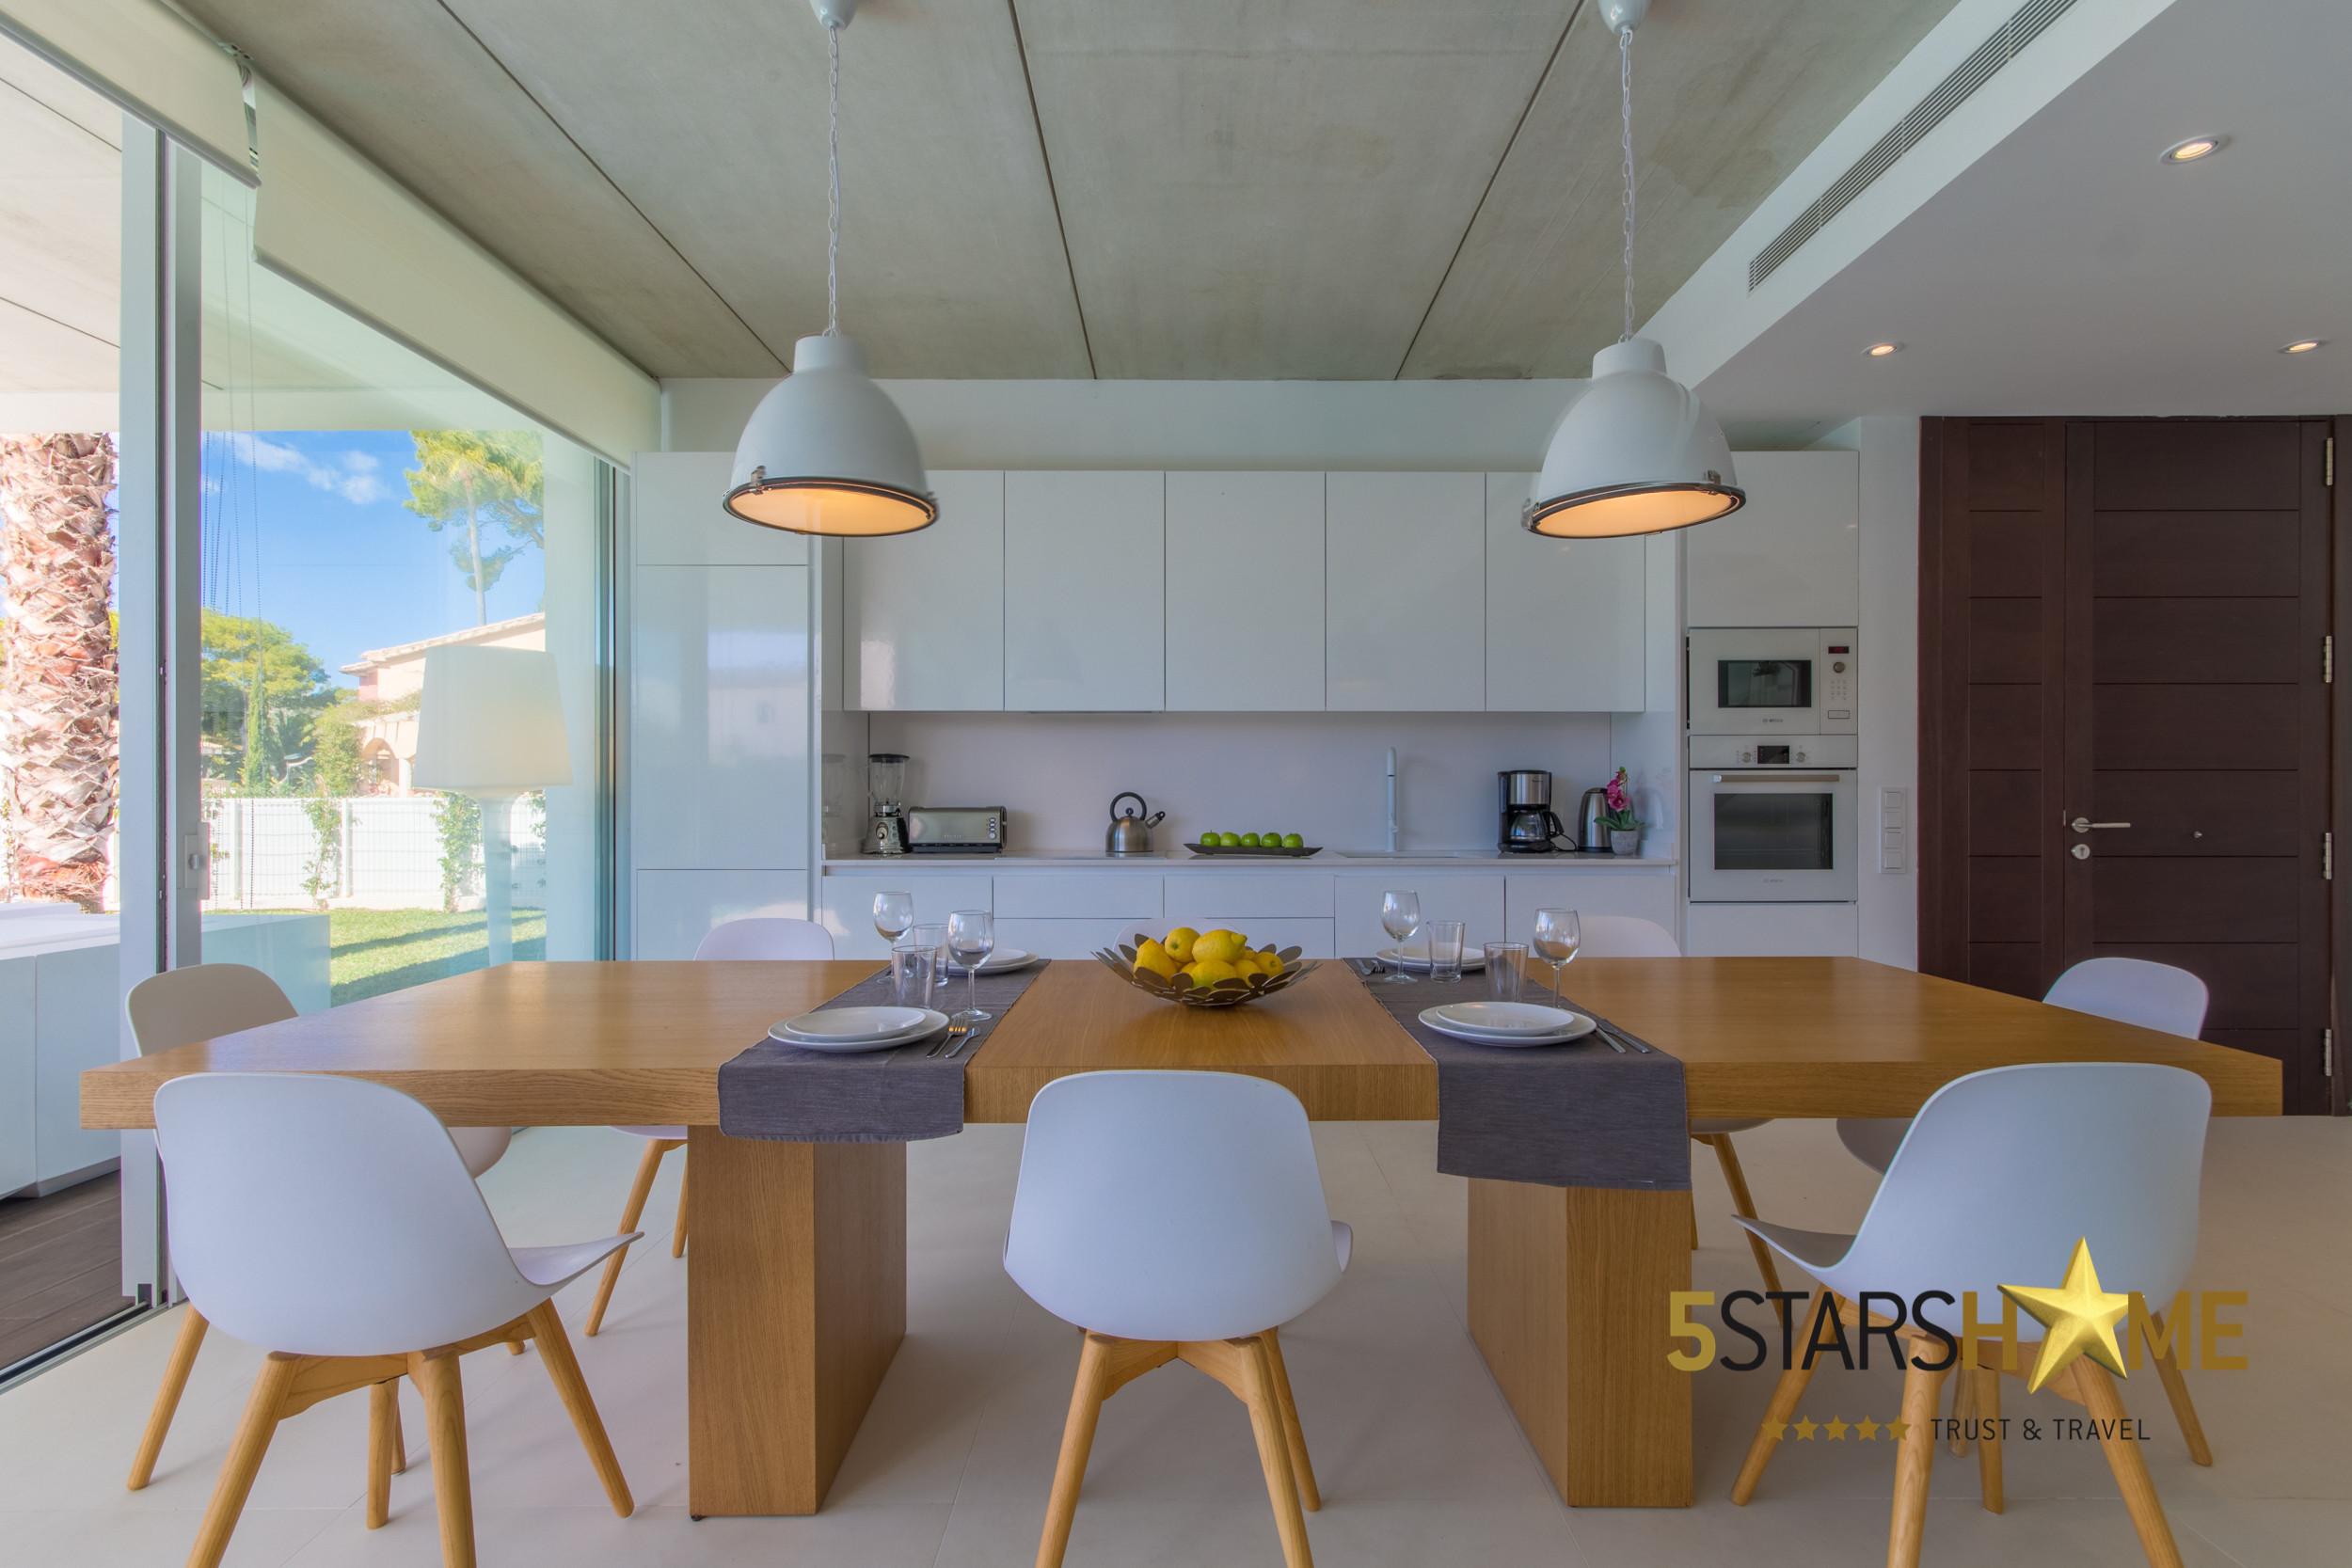 791062d19 Cocina abierta, totalmente equipada y larga mesa de comedor ...